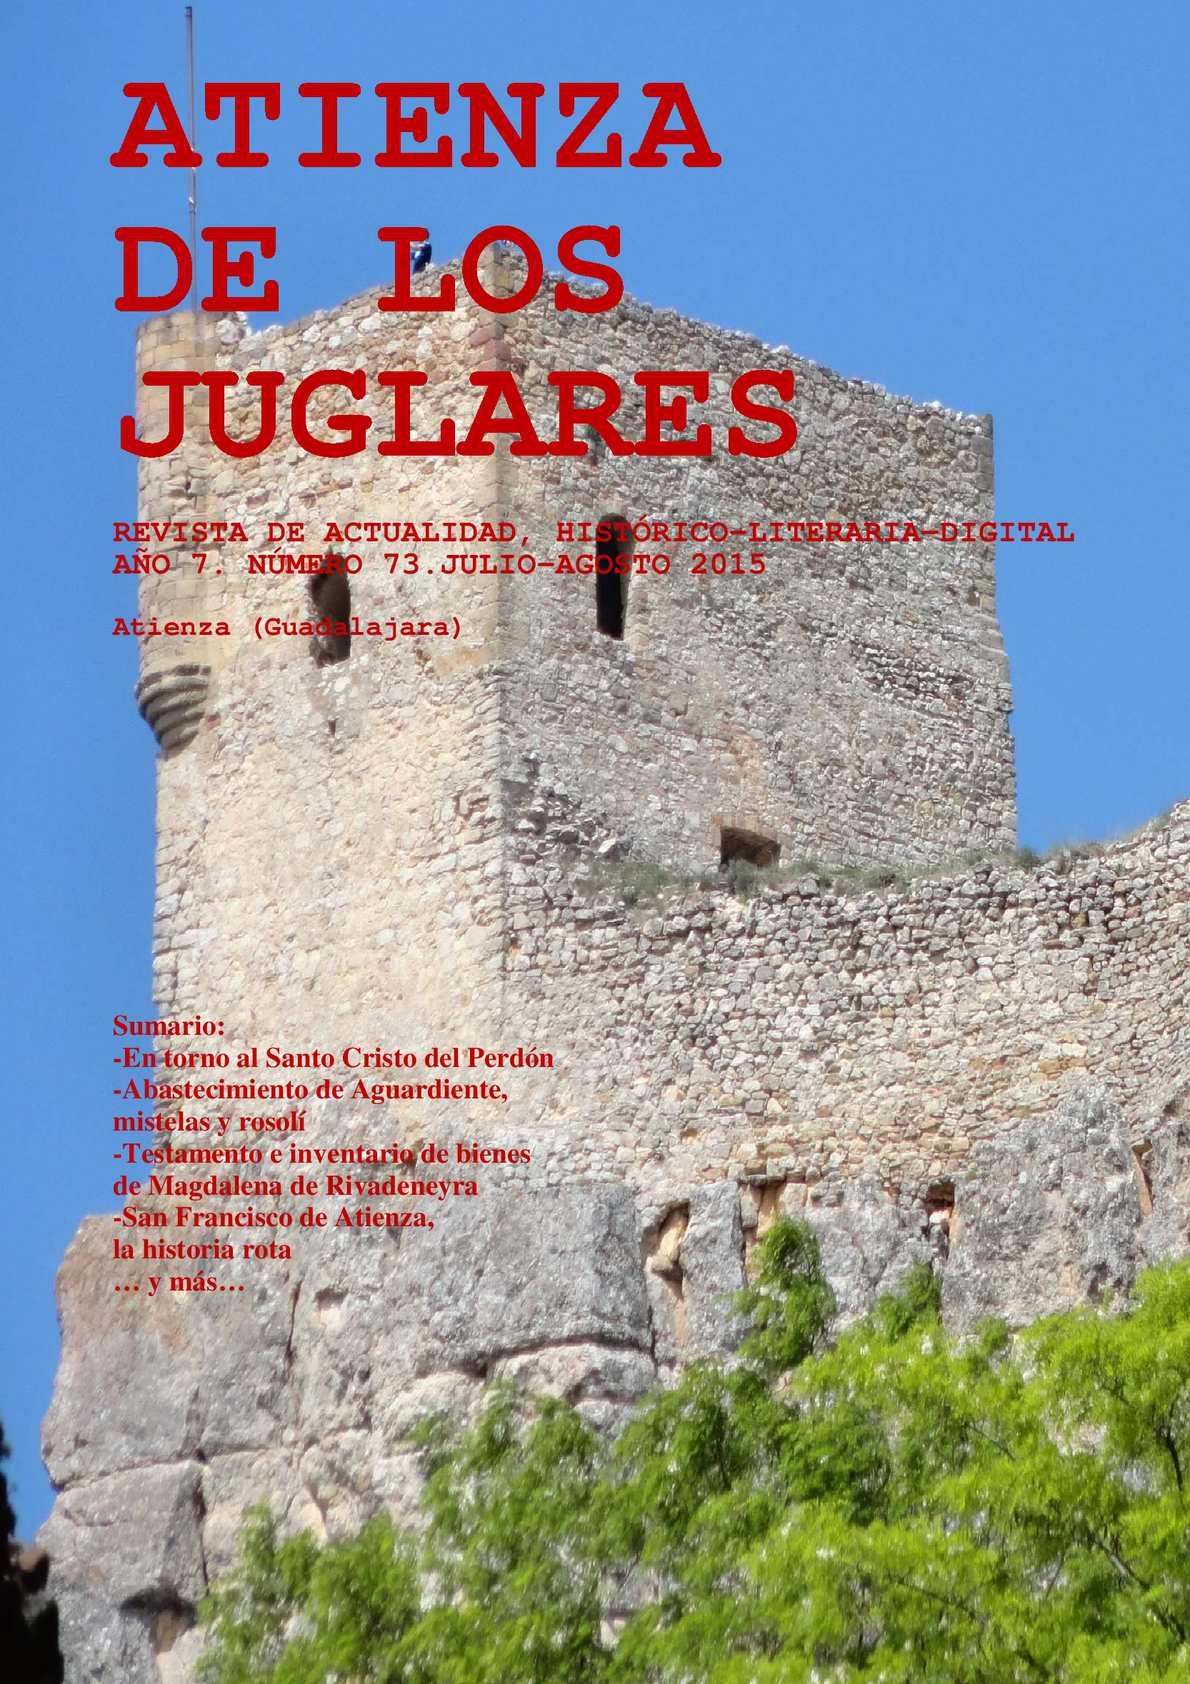 Atienza De Los Juglares Julio-Agosto 2015